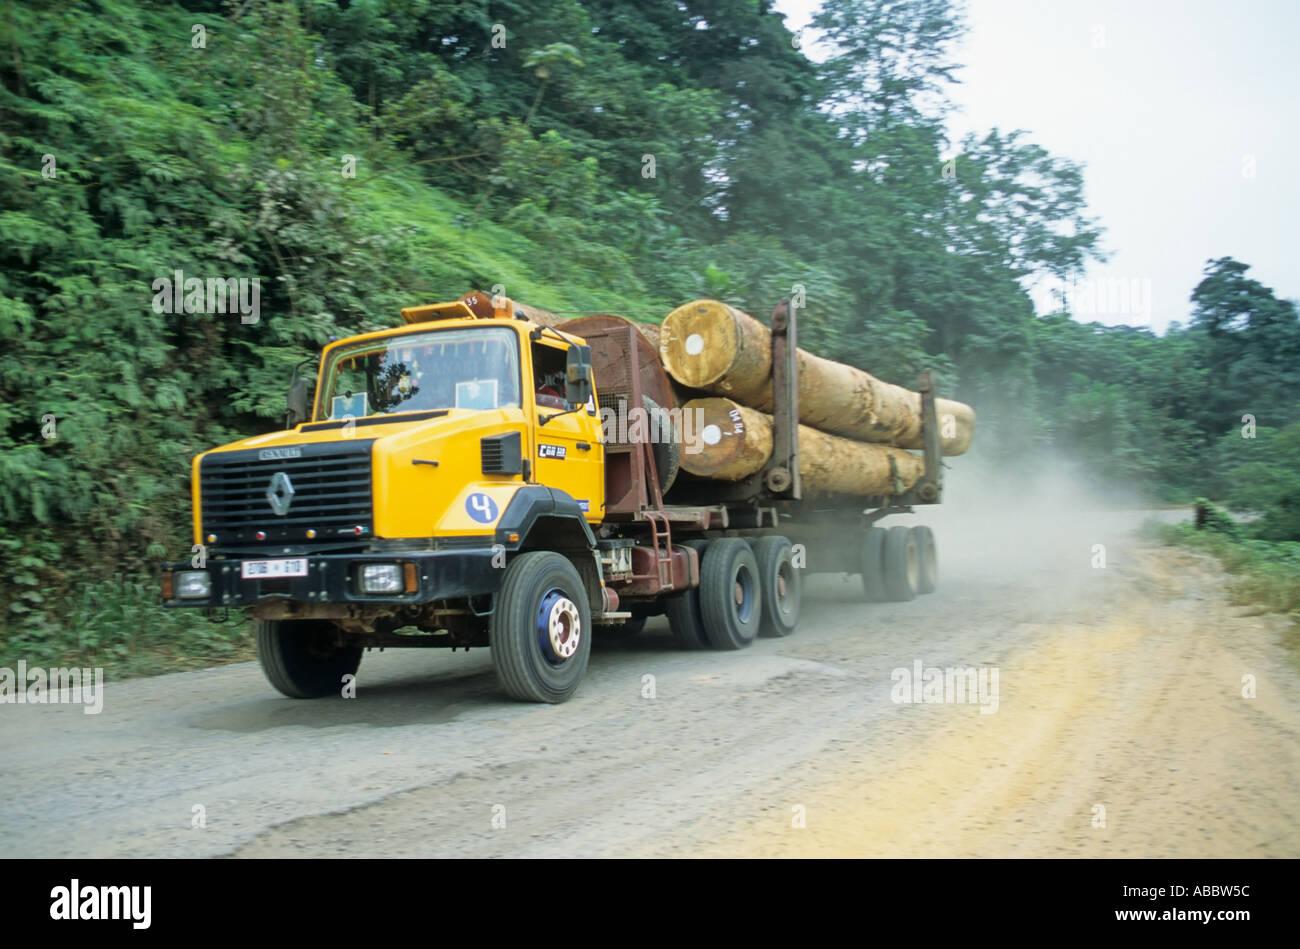 La forêt, l'exploitation forestière au Gabon Photo Stock